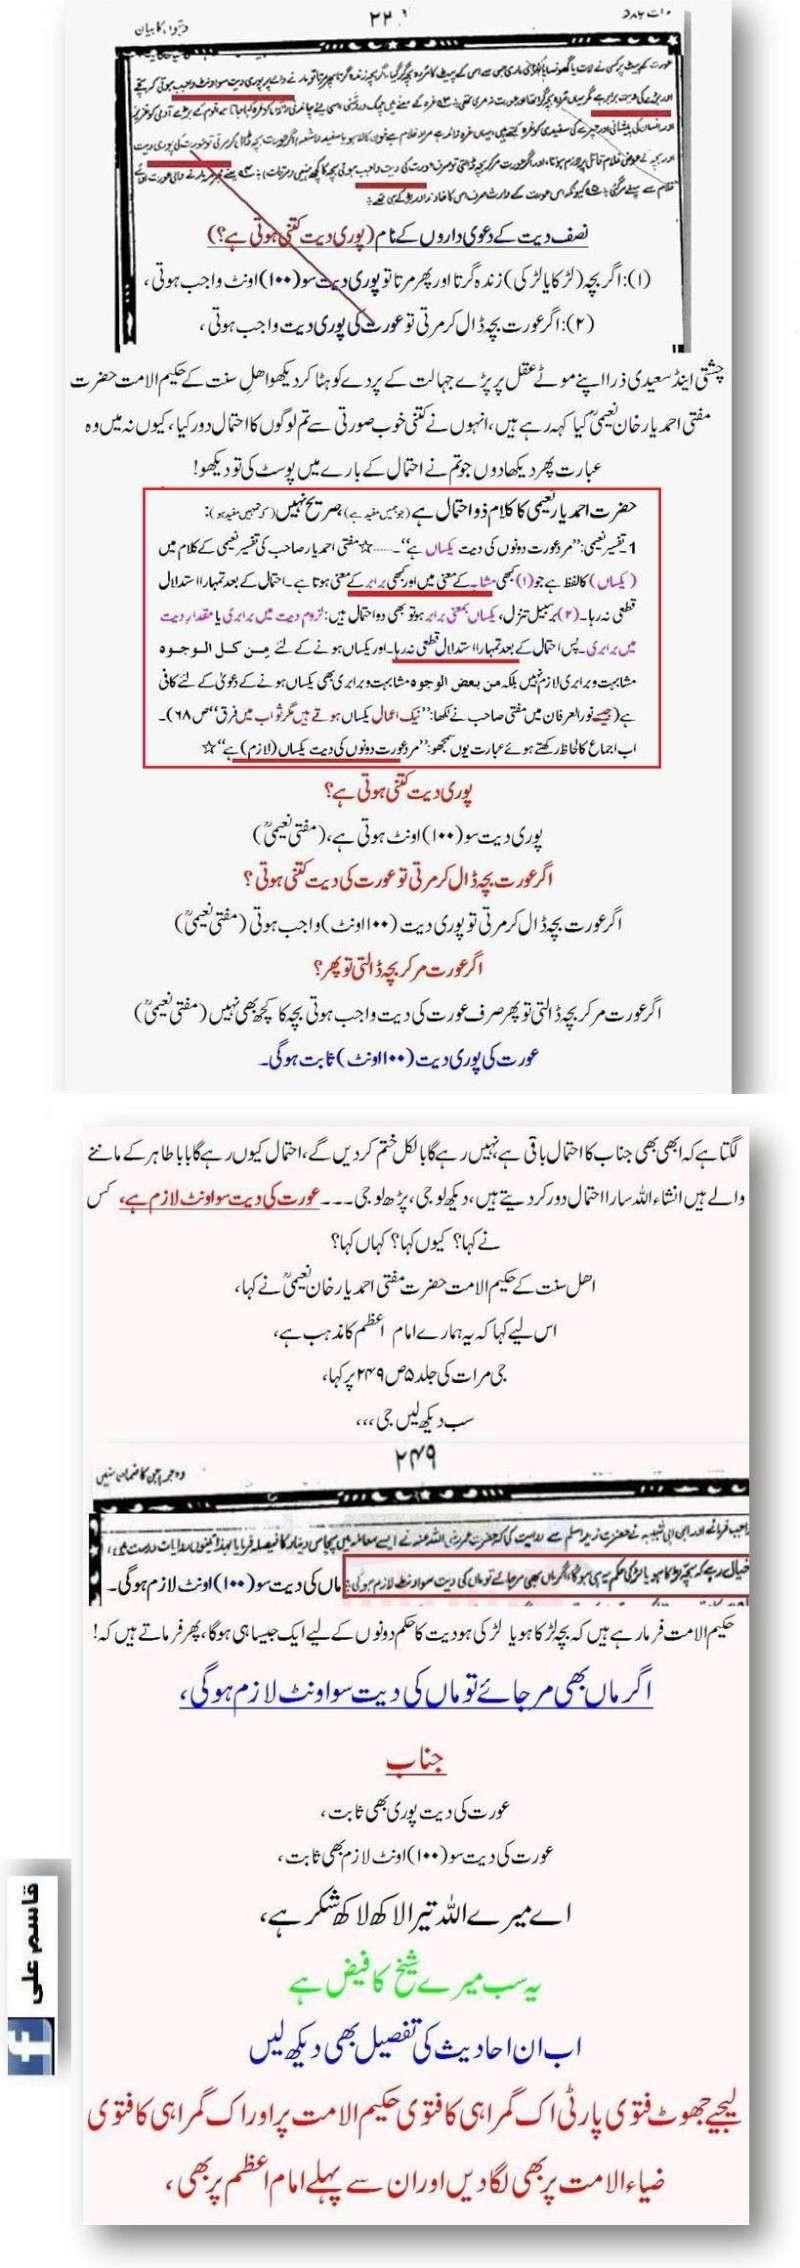 دیت کی جعلی فتوی فیکٹری پر منہاج القرآن کی فتح کا جھنڈا - Page 2 14_d10